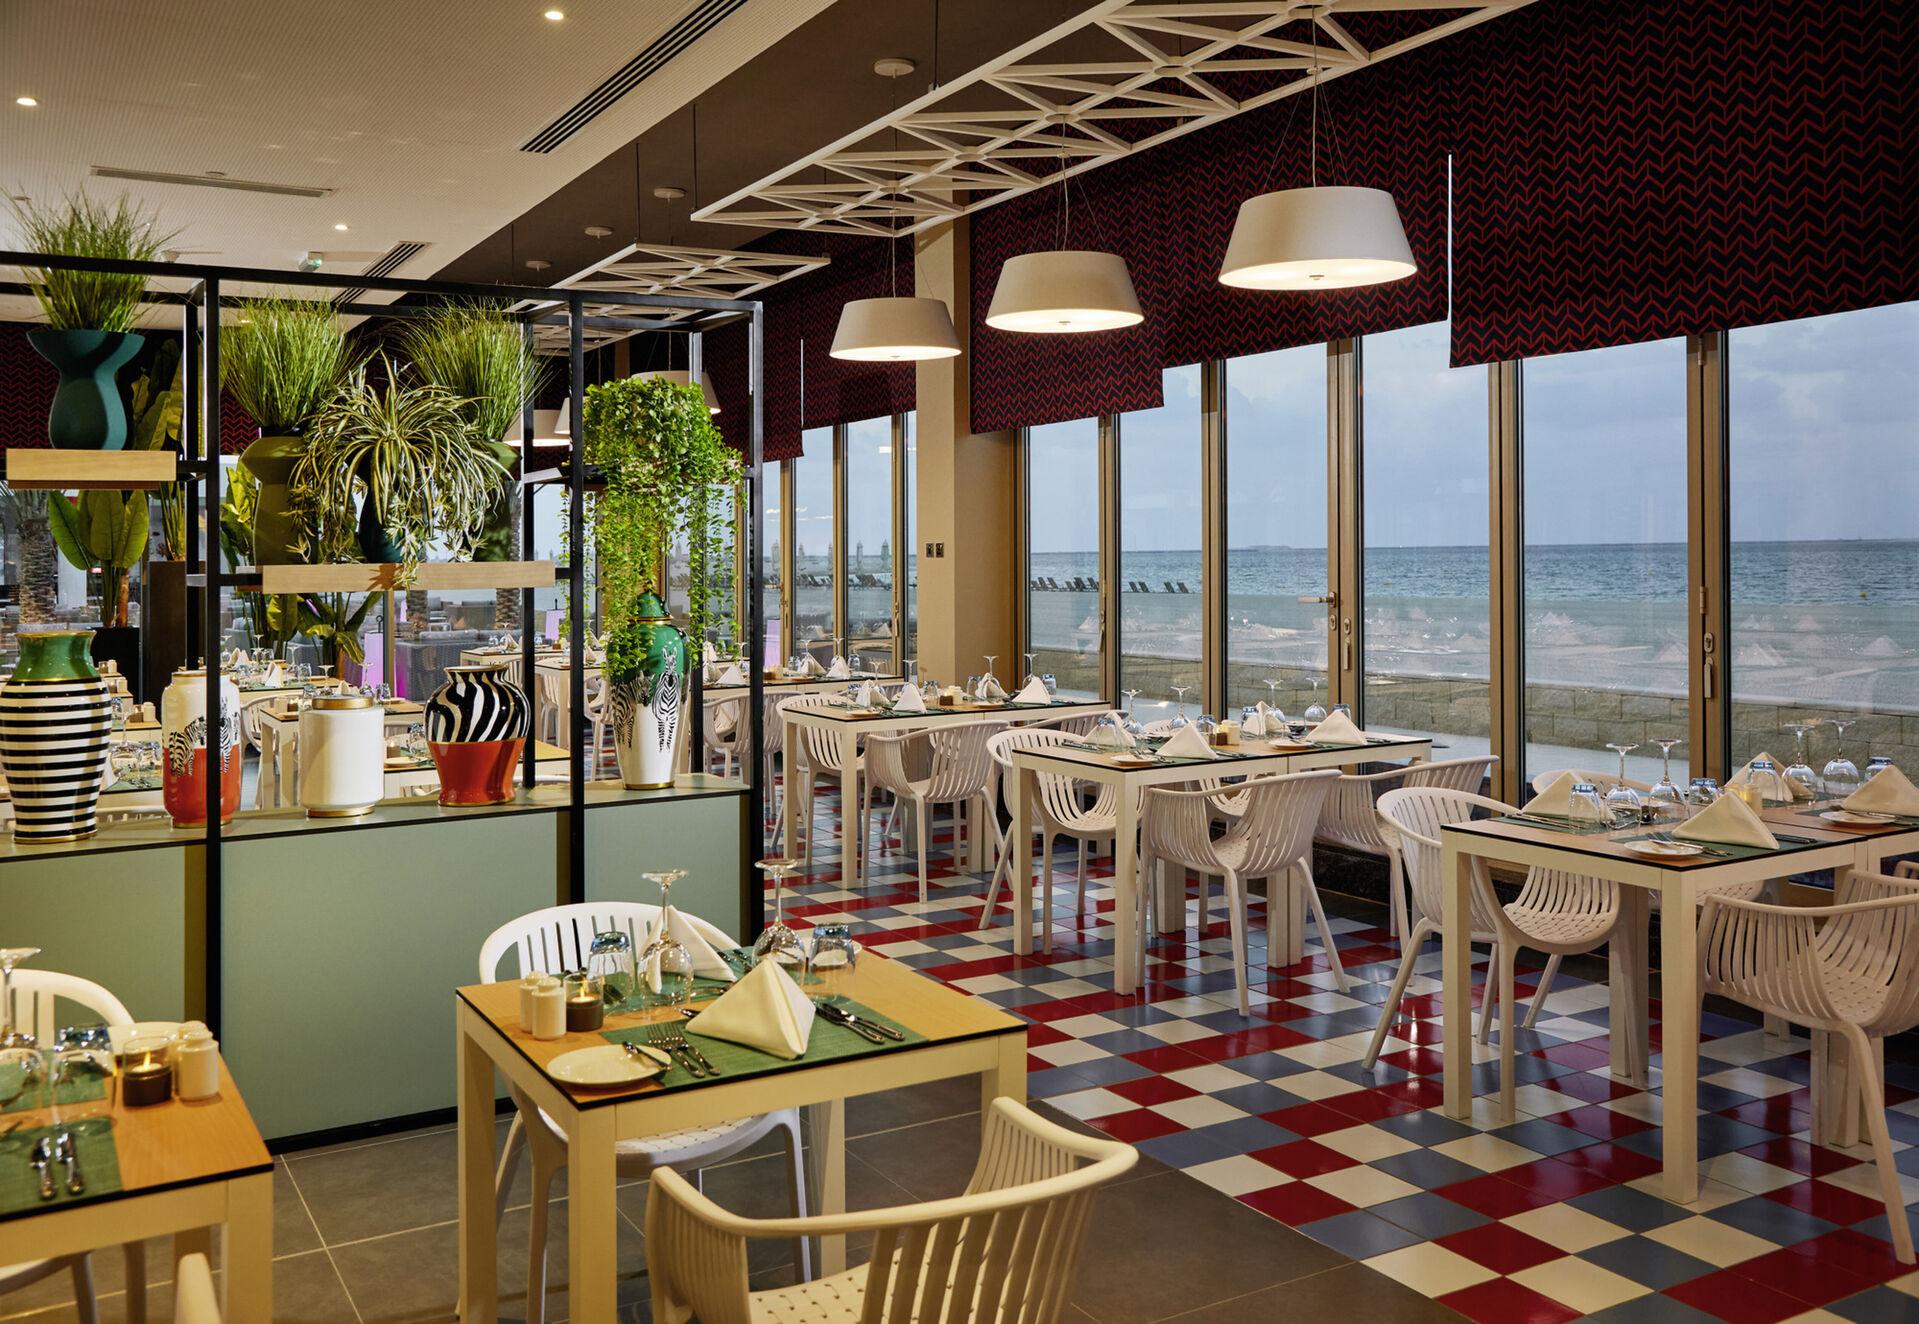 https://cms.satur.sk/data/imgs/tour_image/orig/dub_20_140-italian-restaurant-1939887.jpg